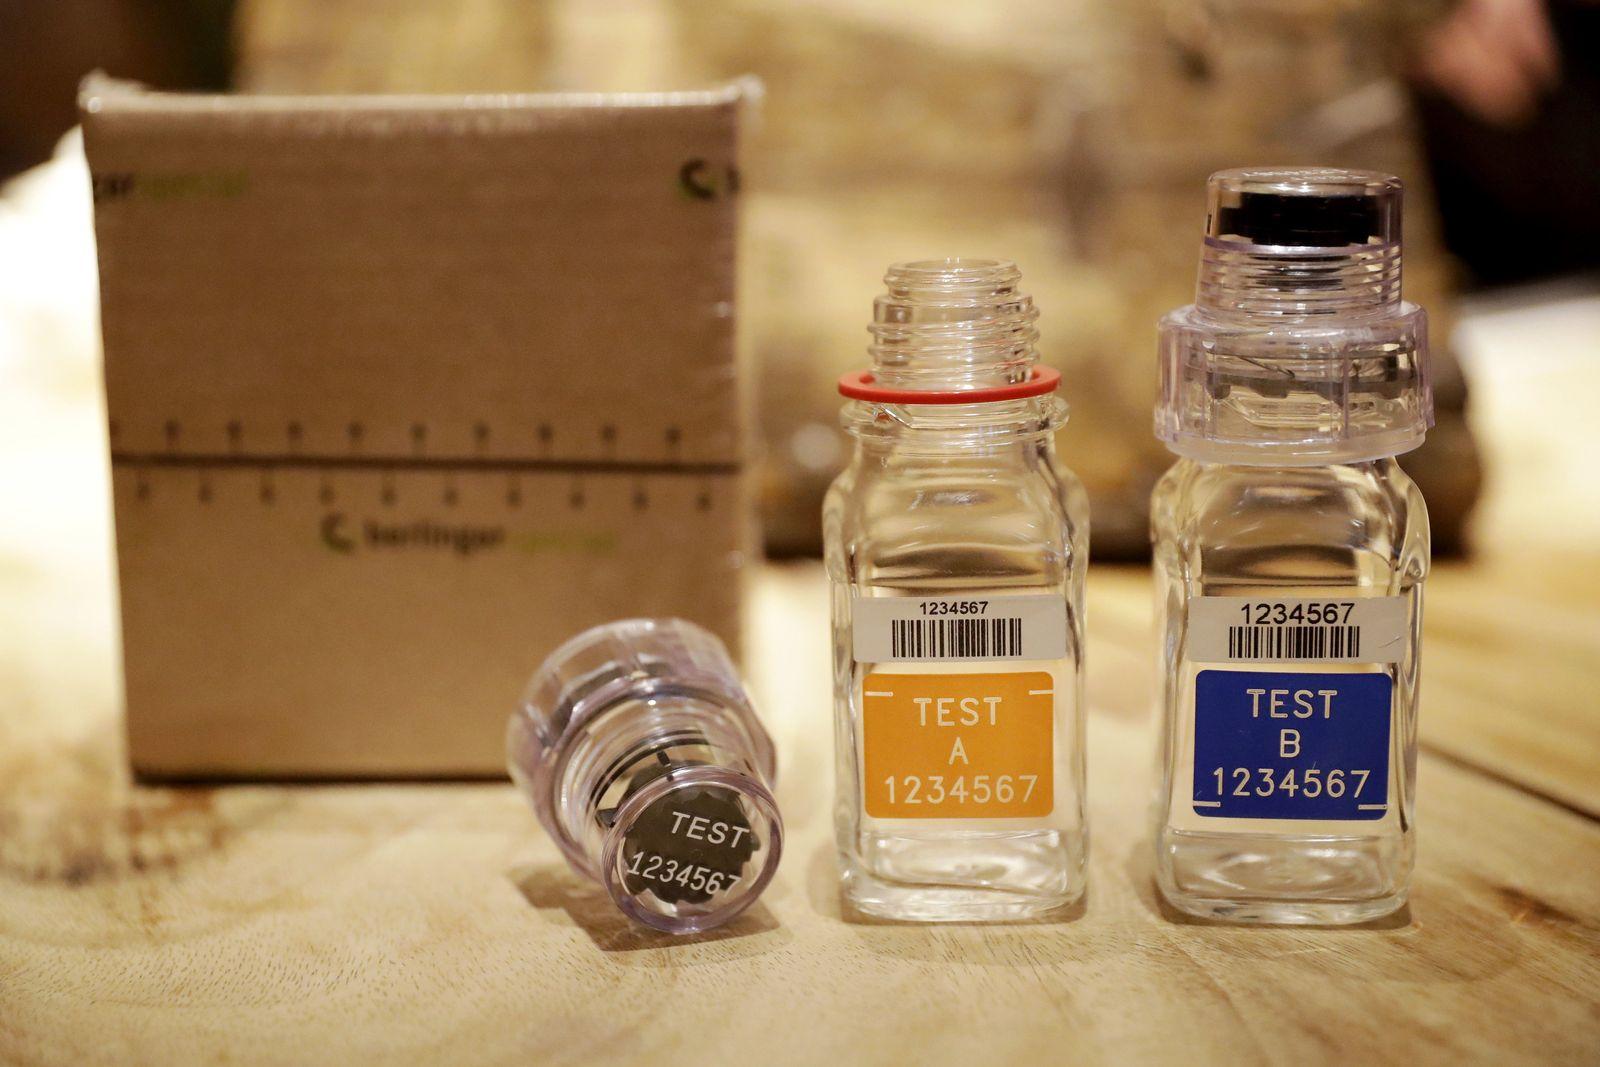 Olympics Doping Sample Bottles BEREG